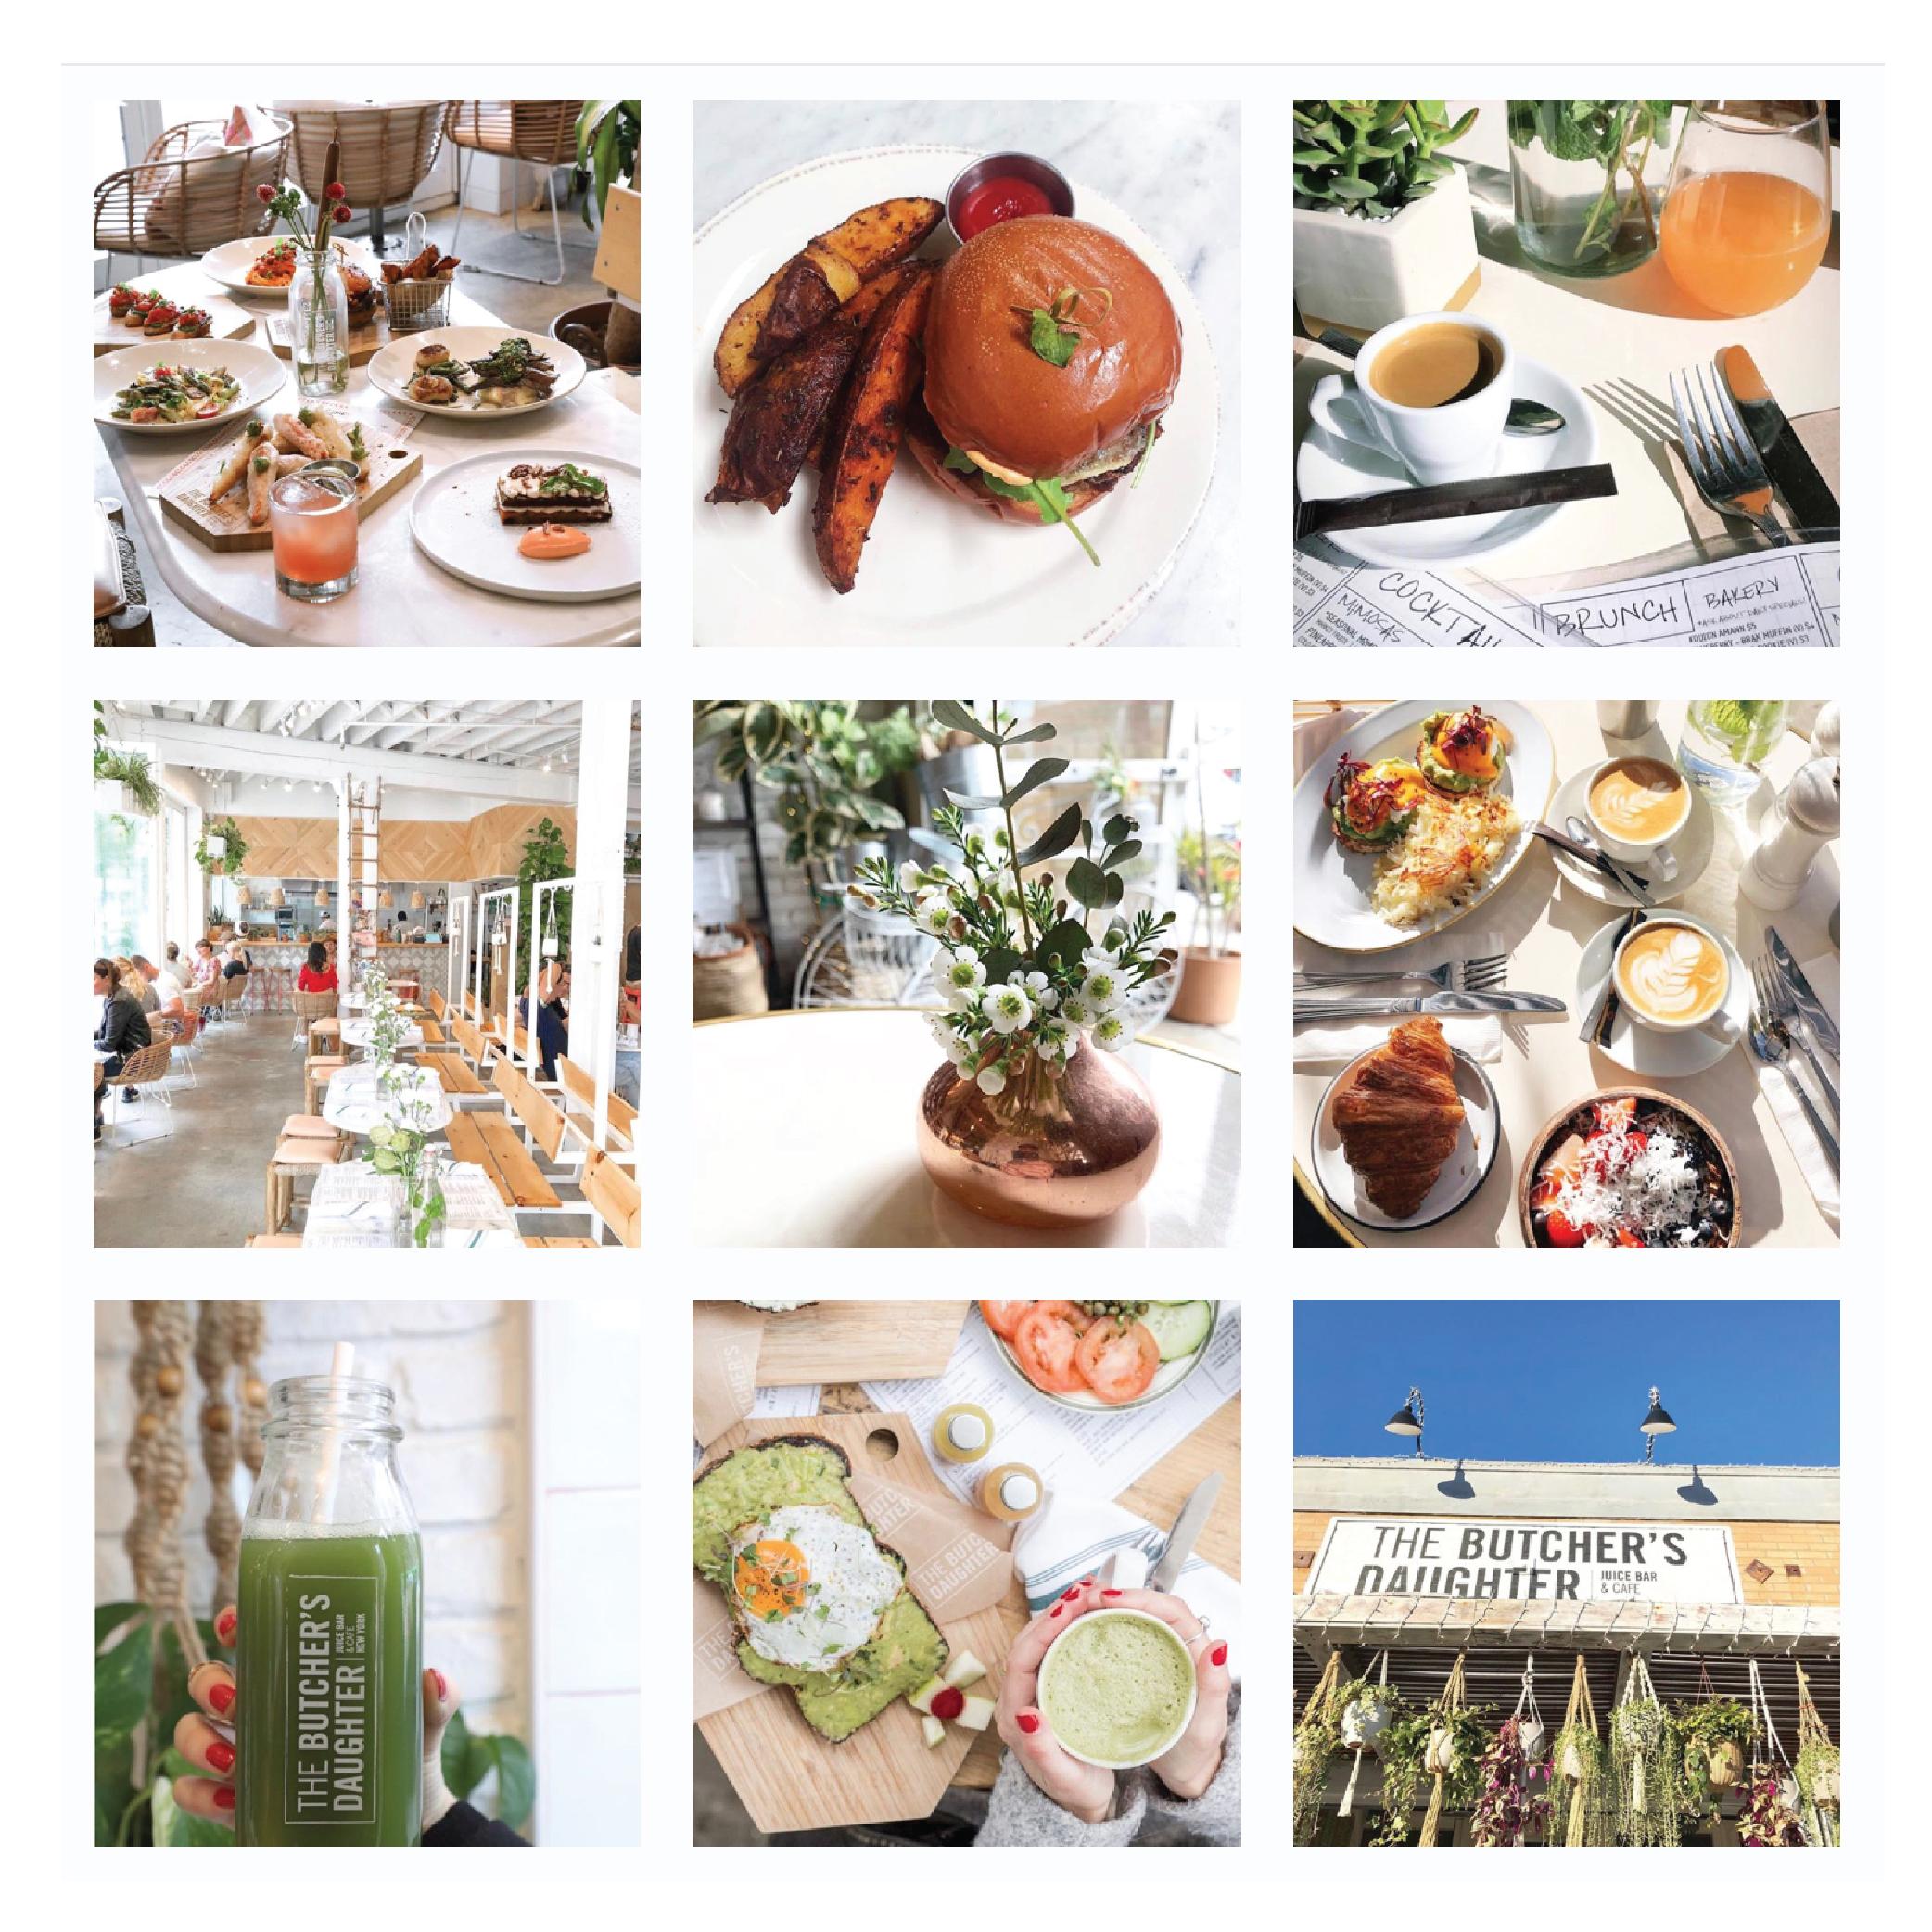 BD Instagram experience-04.jpg